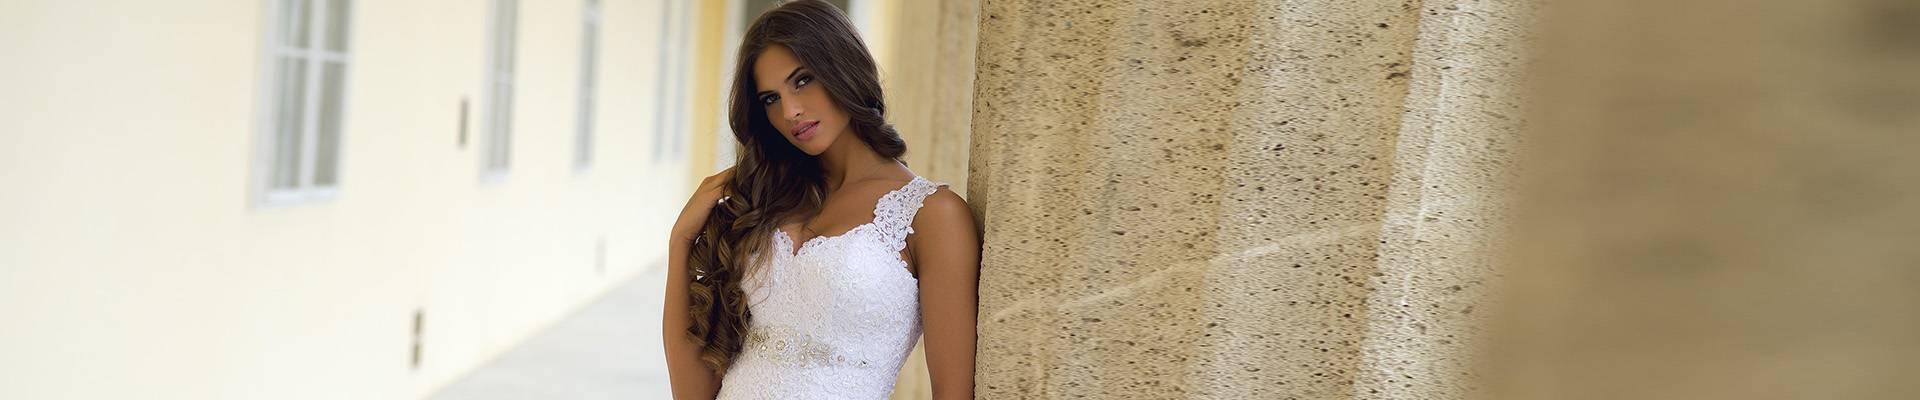 4a67ac2f67 Menyasszonyi ruha vásárlás, kölcsönzés - Boglárka Esküvői- és ...